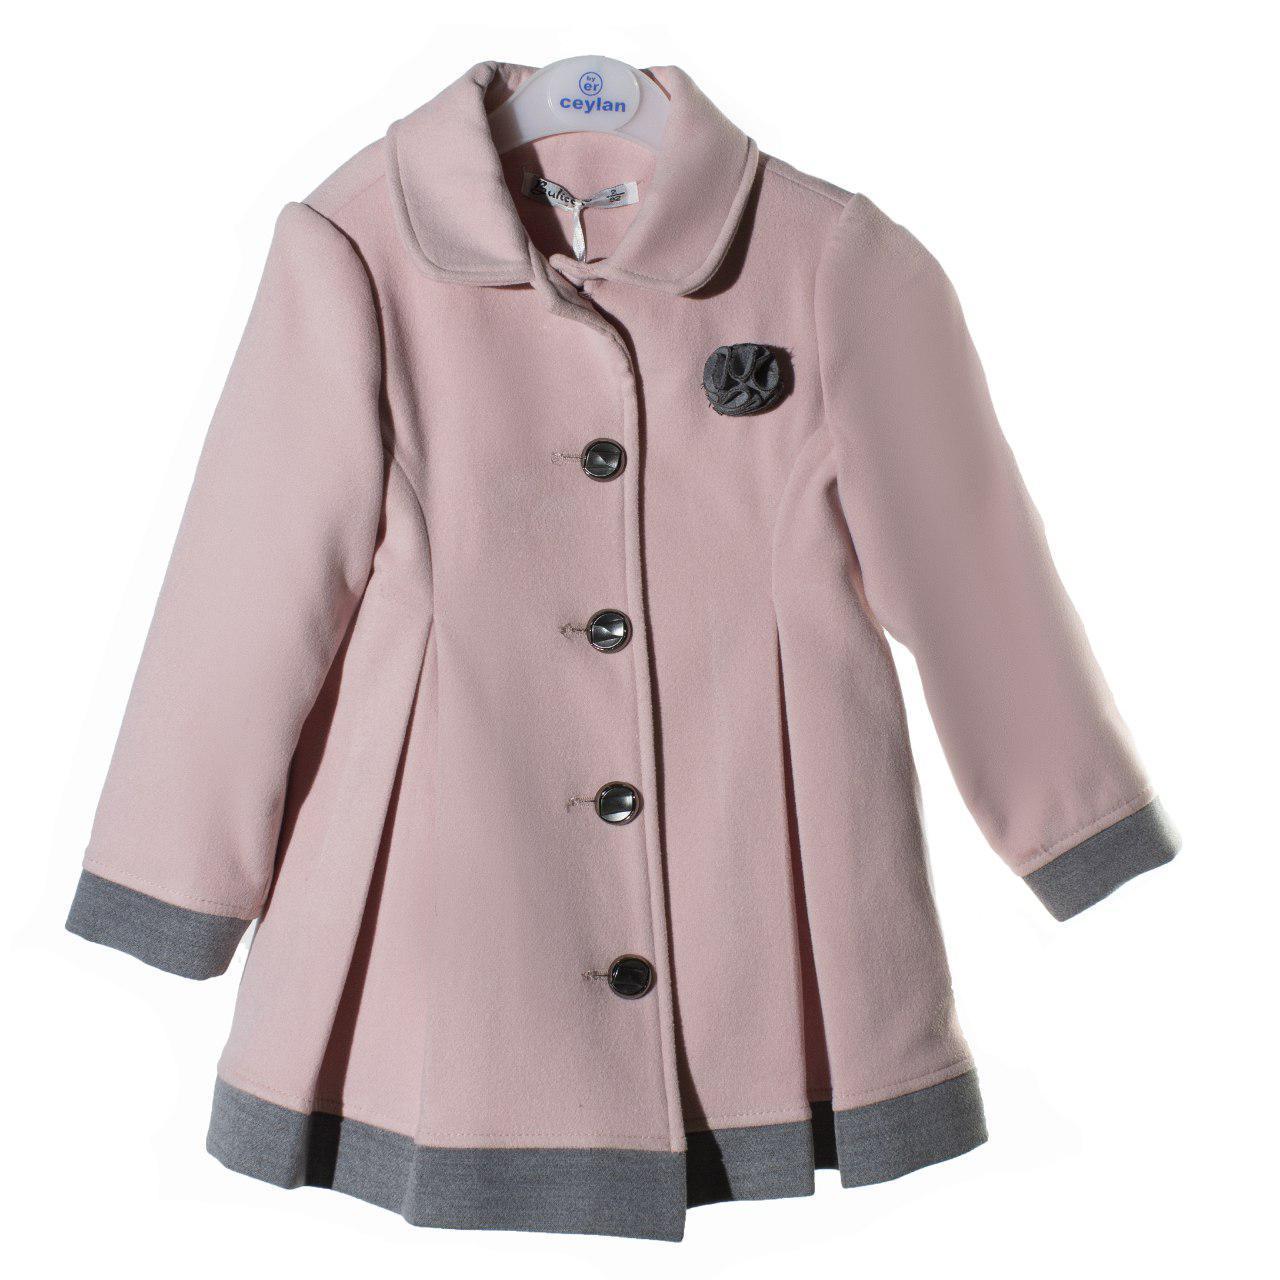 Демисезонное пальто для девочки, осень/весна, размеры 3 года, 5 лет